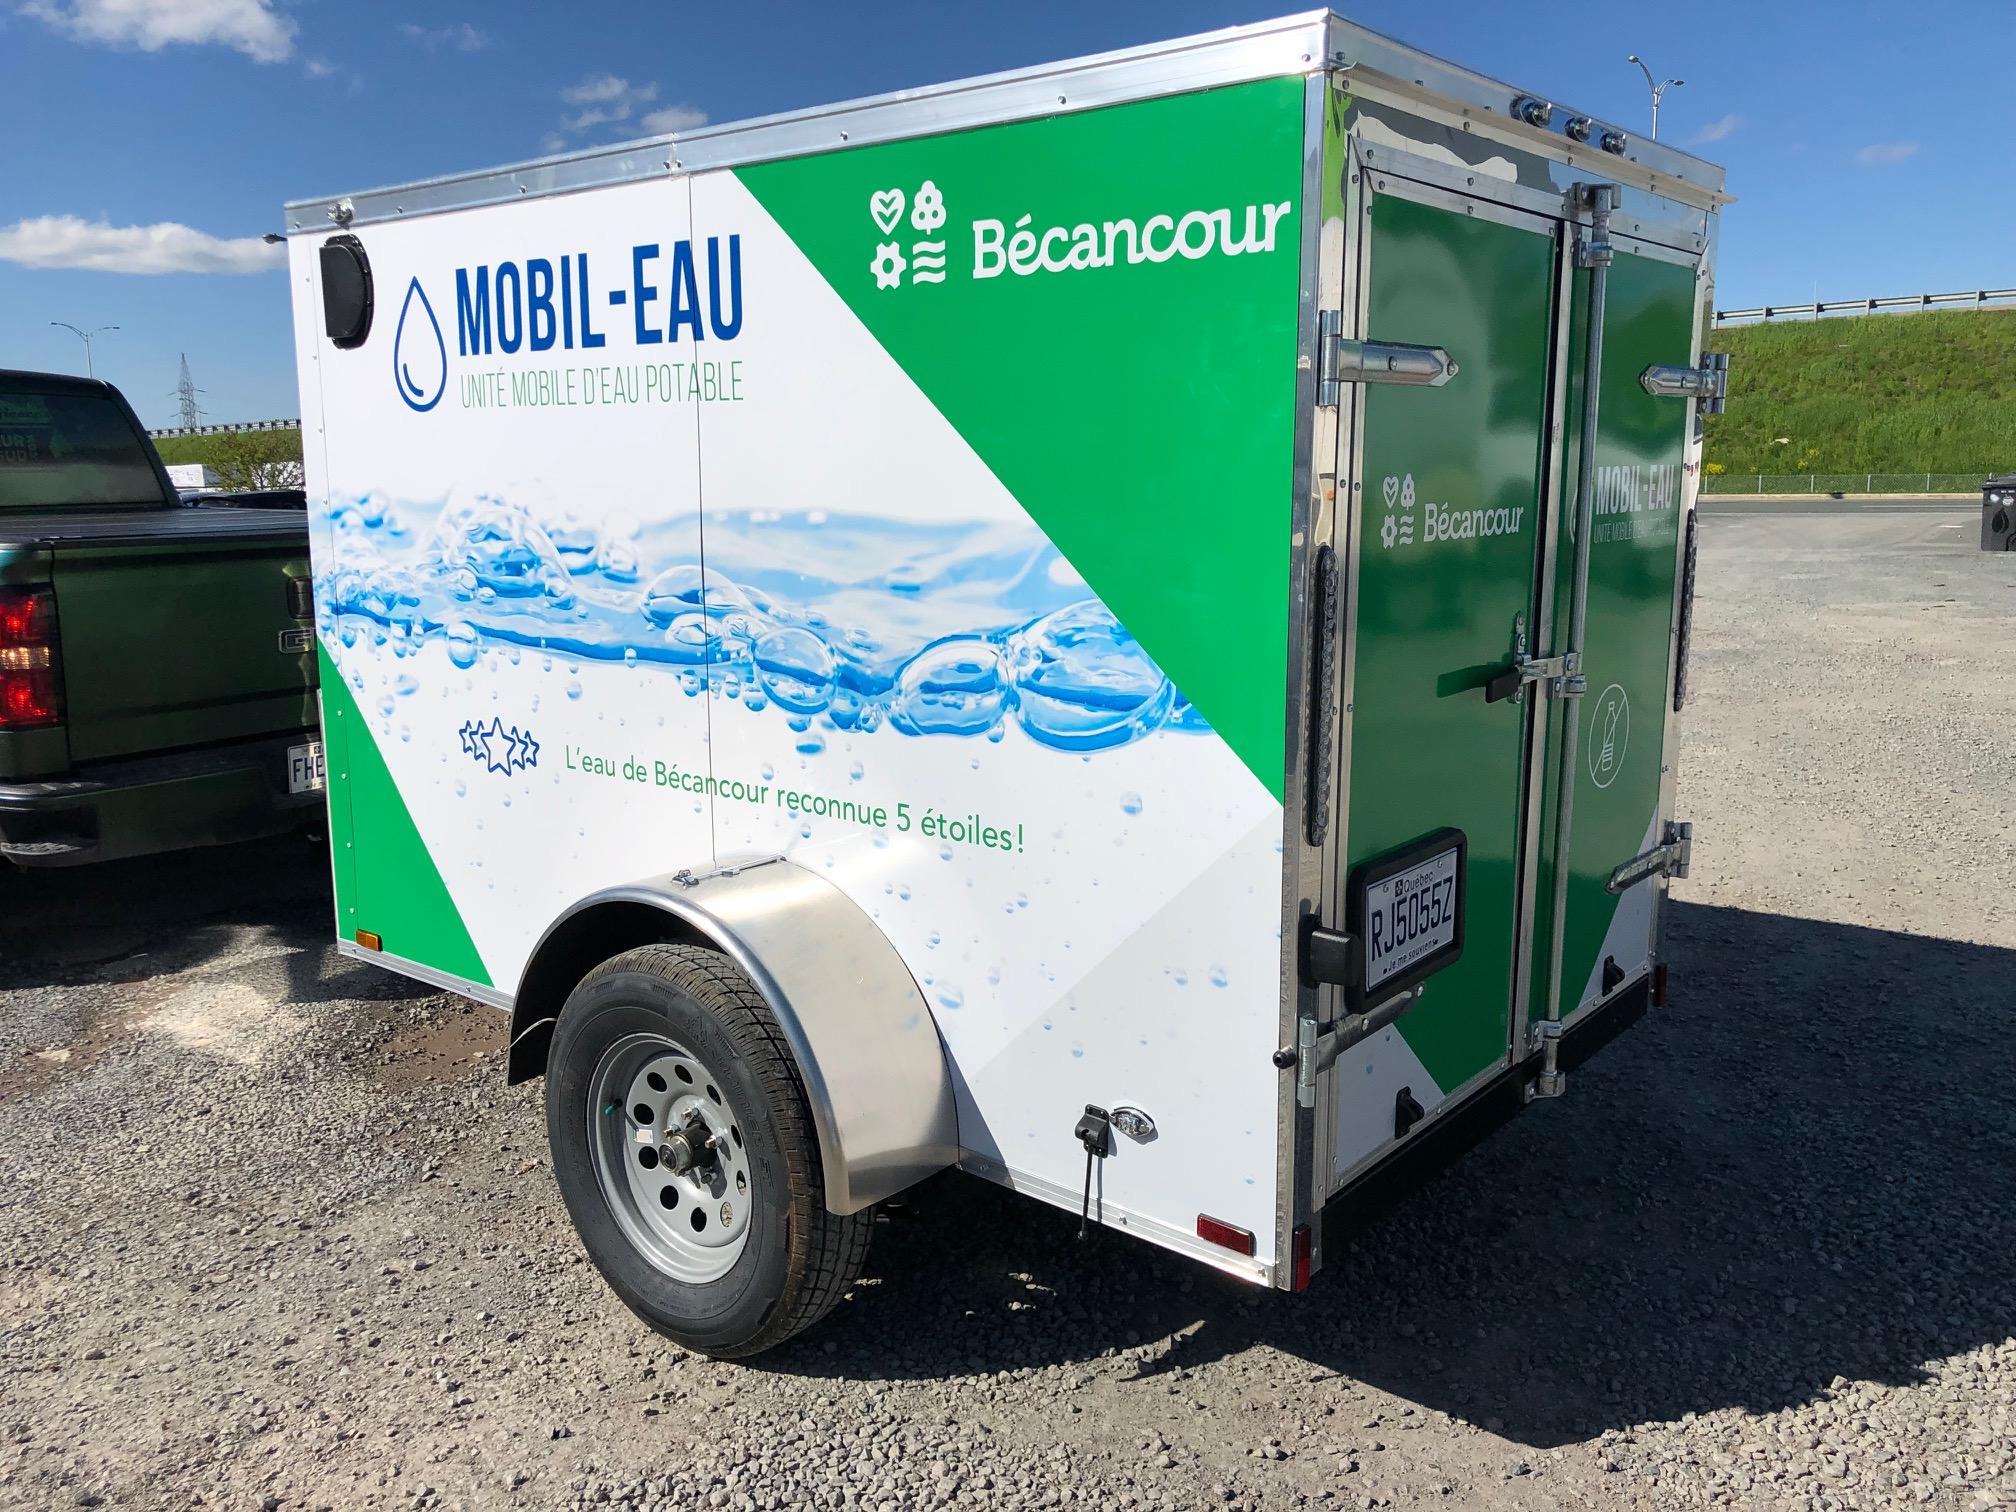 MOBIL-EAU - Unité mobile d'eau potable